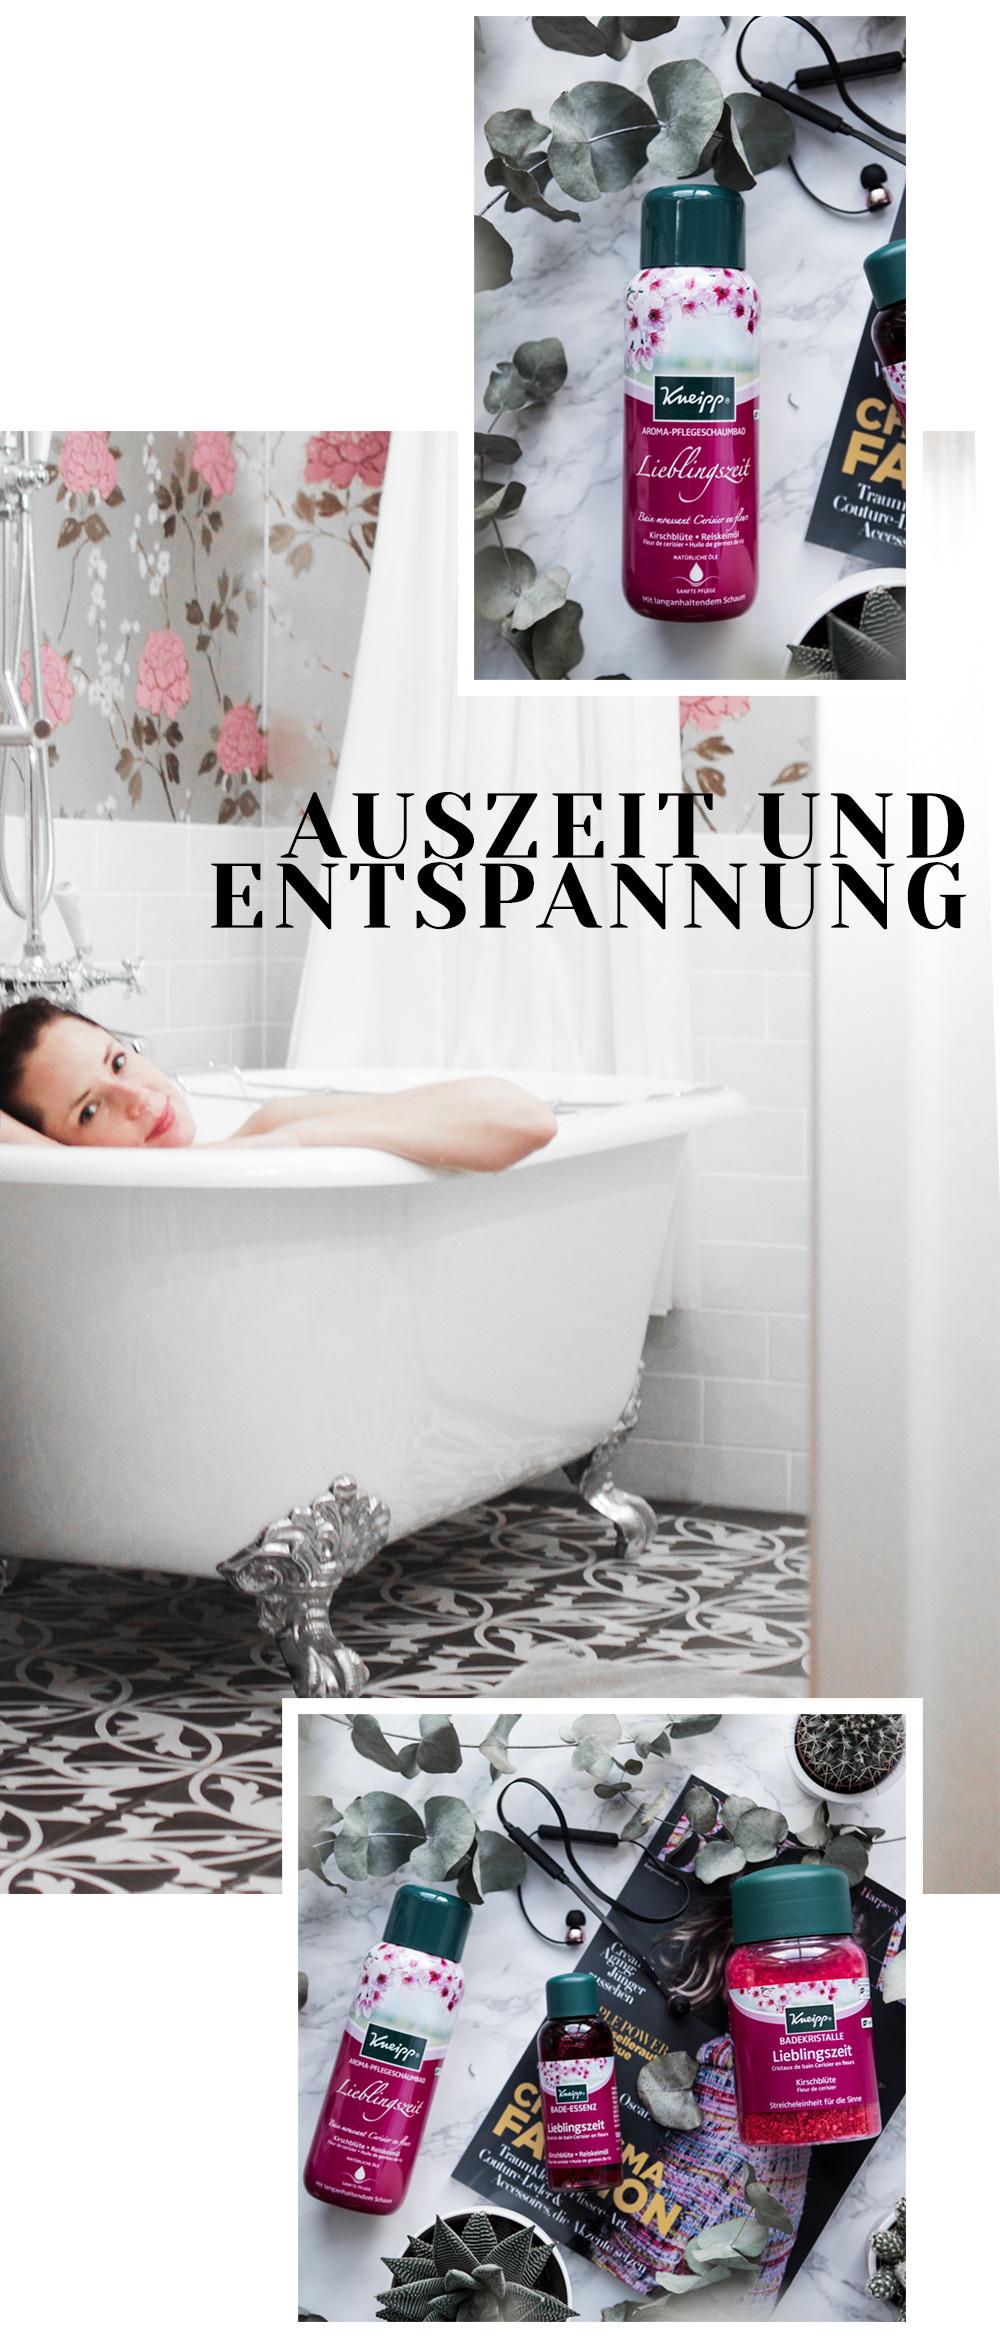 Kneipp Lieblingszeit Badeprodukte Entspannungs Collage